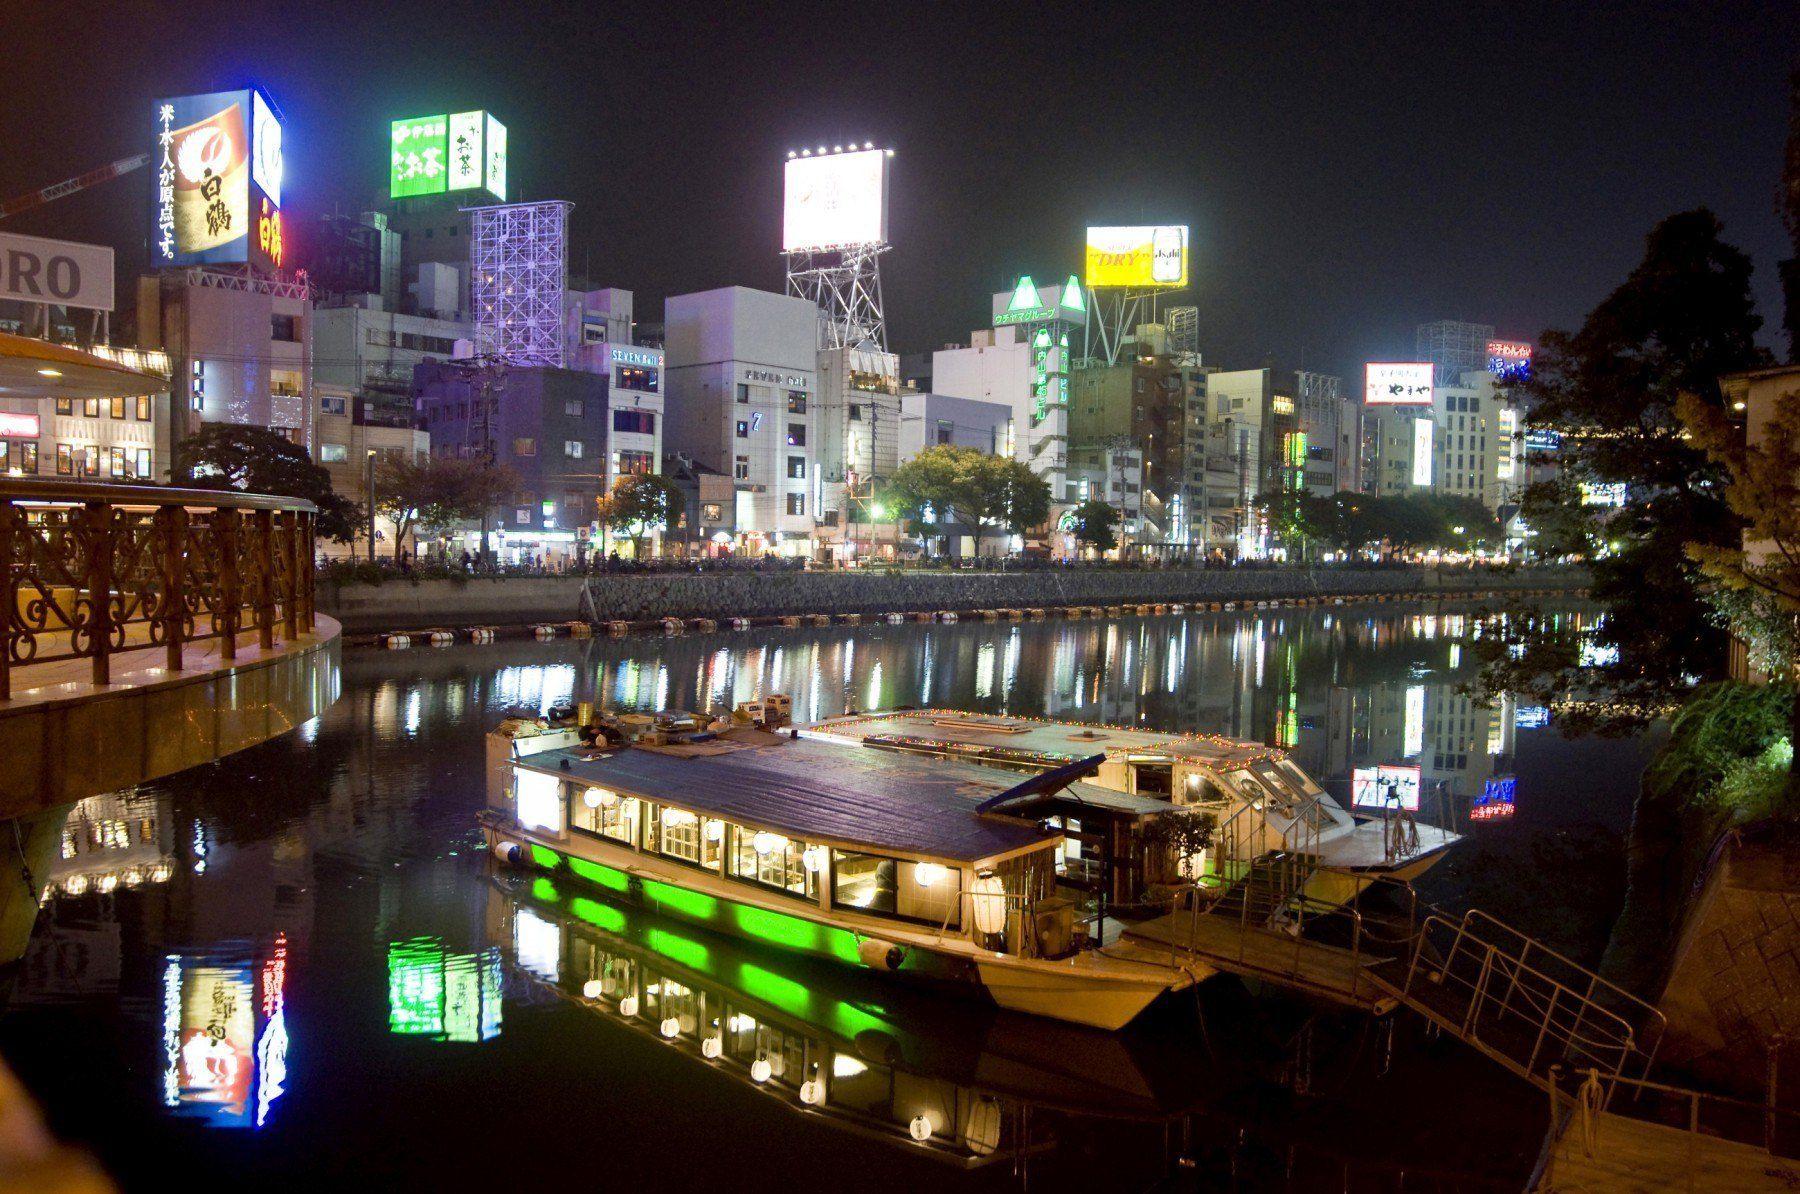 中洲・那珂川夜景(2010)の画像